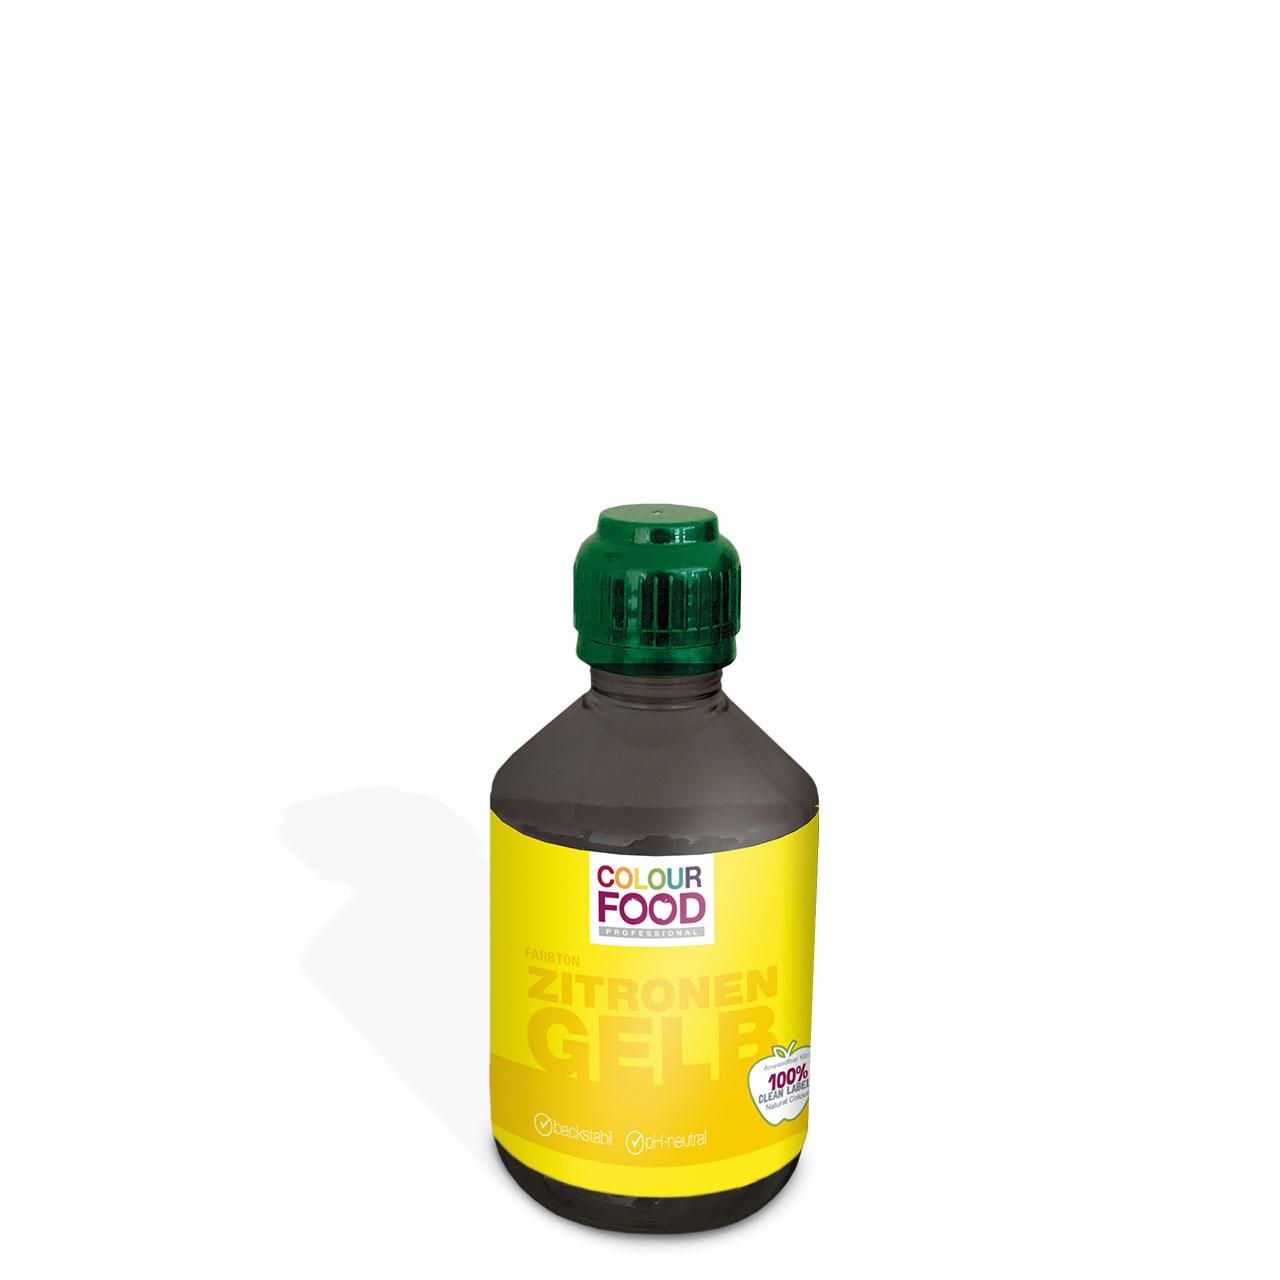 Natürliche Lebensmittelfarbe flüssig AZOfrei Zitronen-Gelb